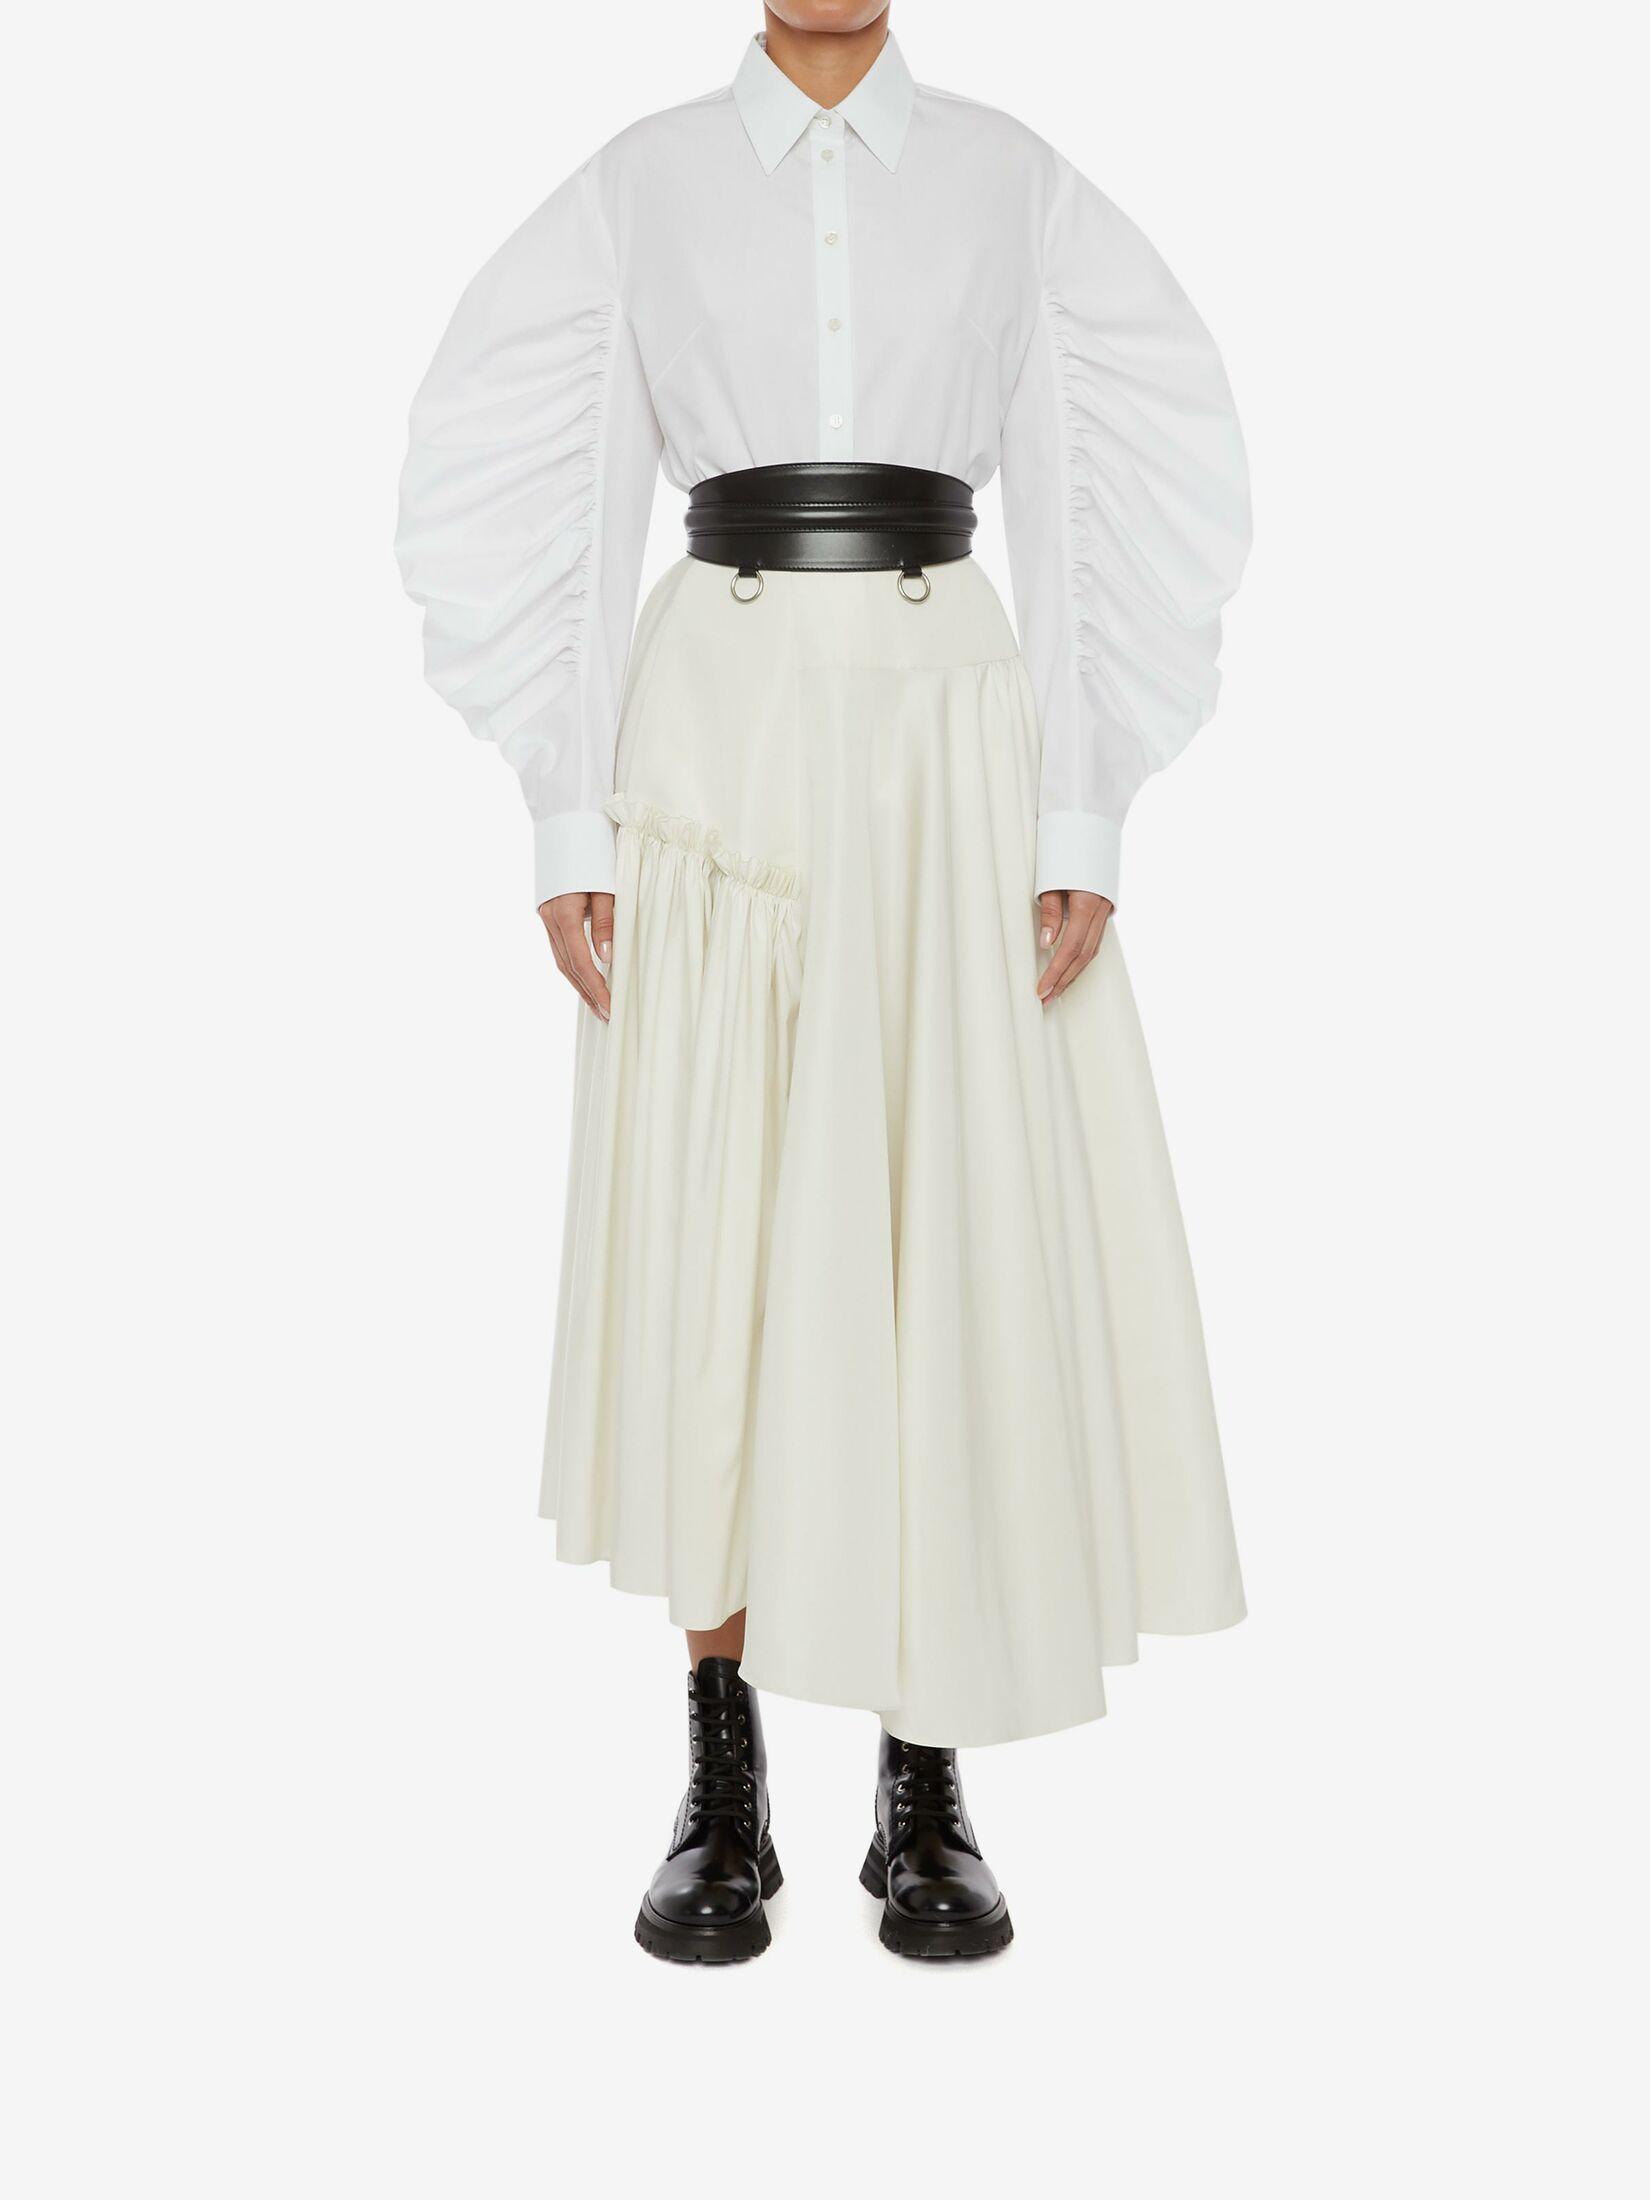 #PopbelaOOTD: Bukan Kaftan, Baju Ini Juga Cocok Dipakai Saat Lebaran